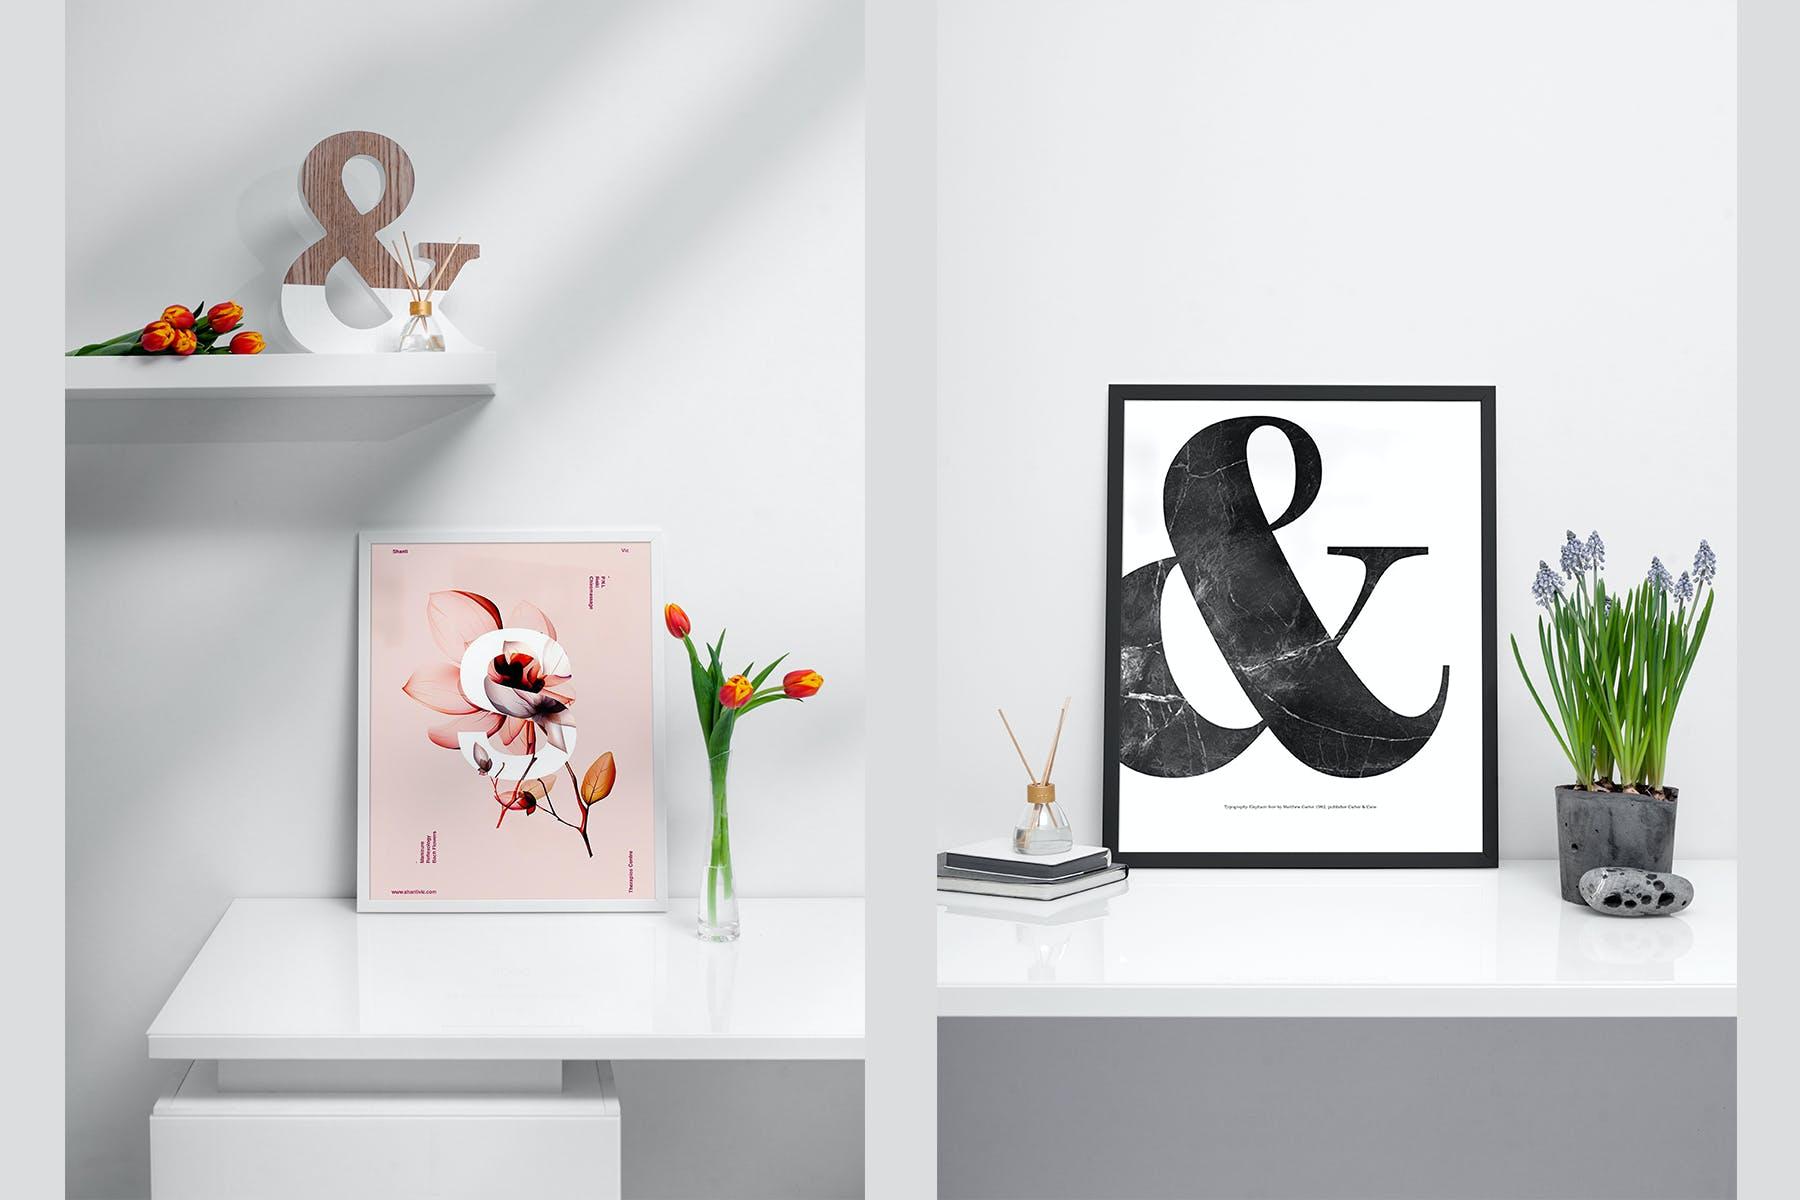 室内相片艺术品海报展示相框样机模板 Frame Mockup Home Style插图(1)